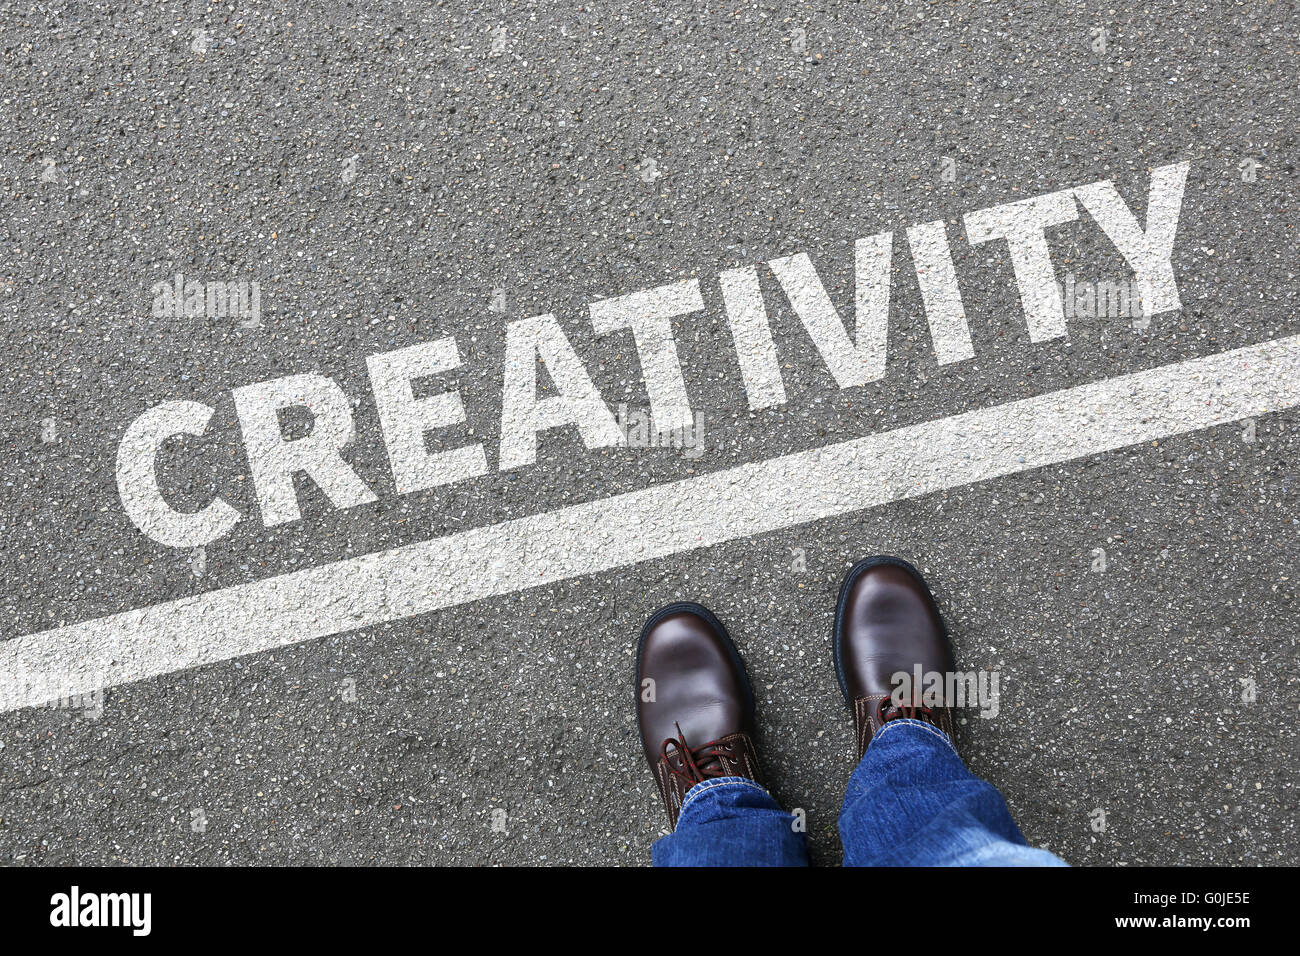 La créativité de la pensée créative imagination imaginer le succès des idées d'affaires Photo Stock